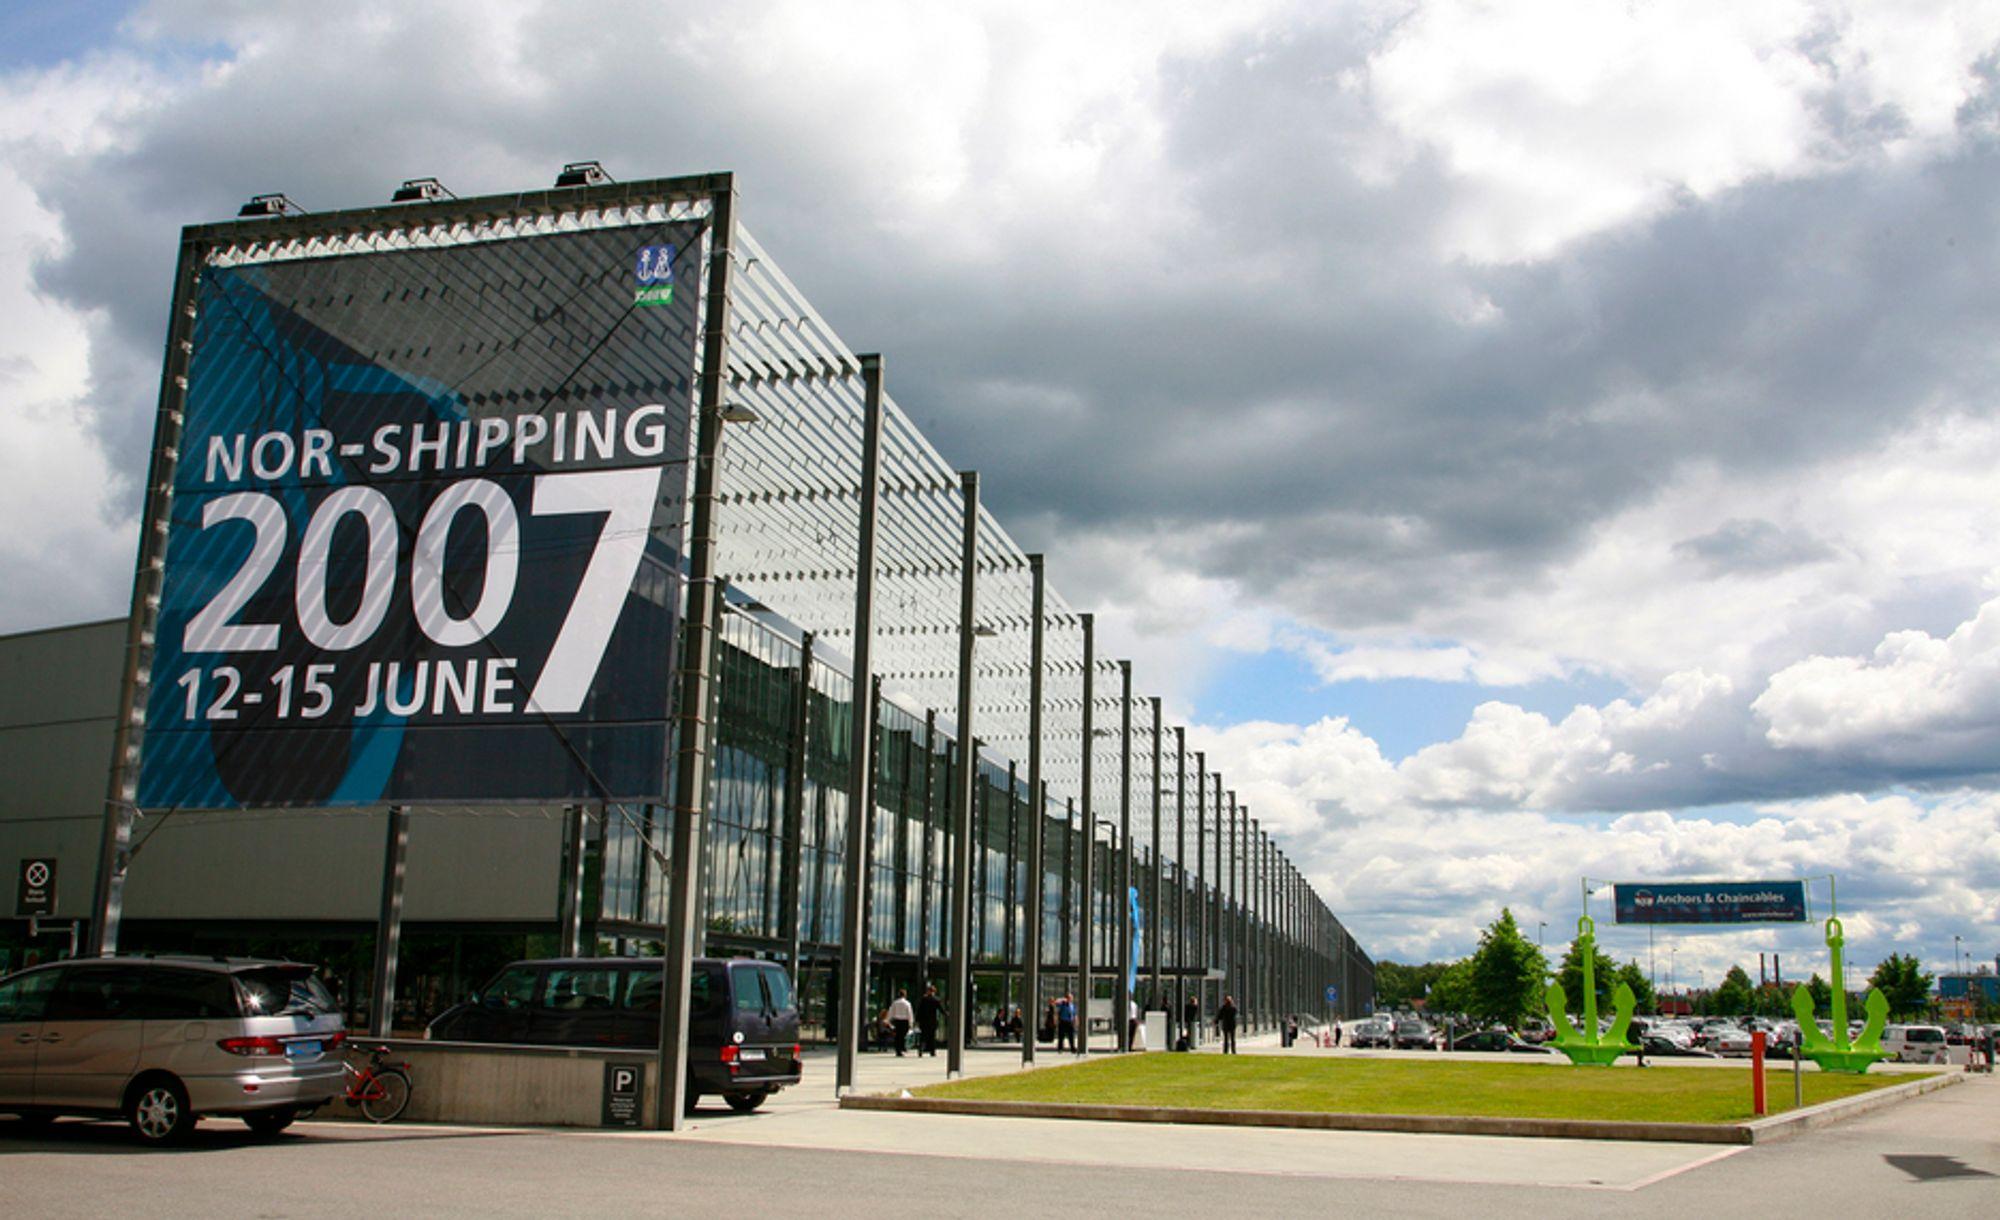 STØRRE: Norges Varemesse må ta i bruk en nye hall pluss plasthaller for å få plass til alle ustillerne under Nor-Shipping 2009. Utstillingen varer fra 9. -til 12. juni